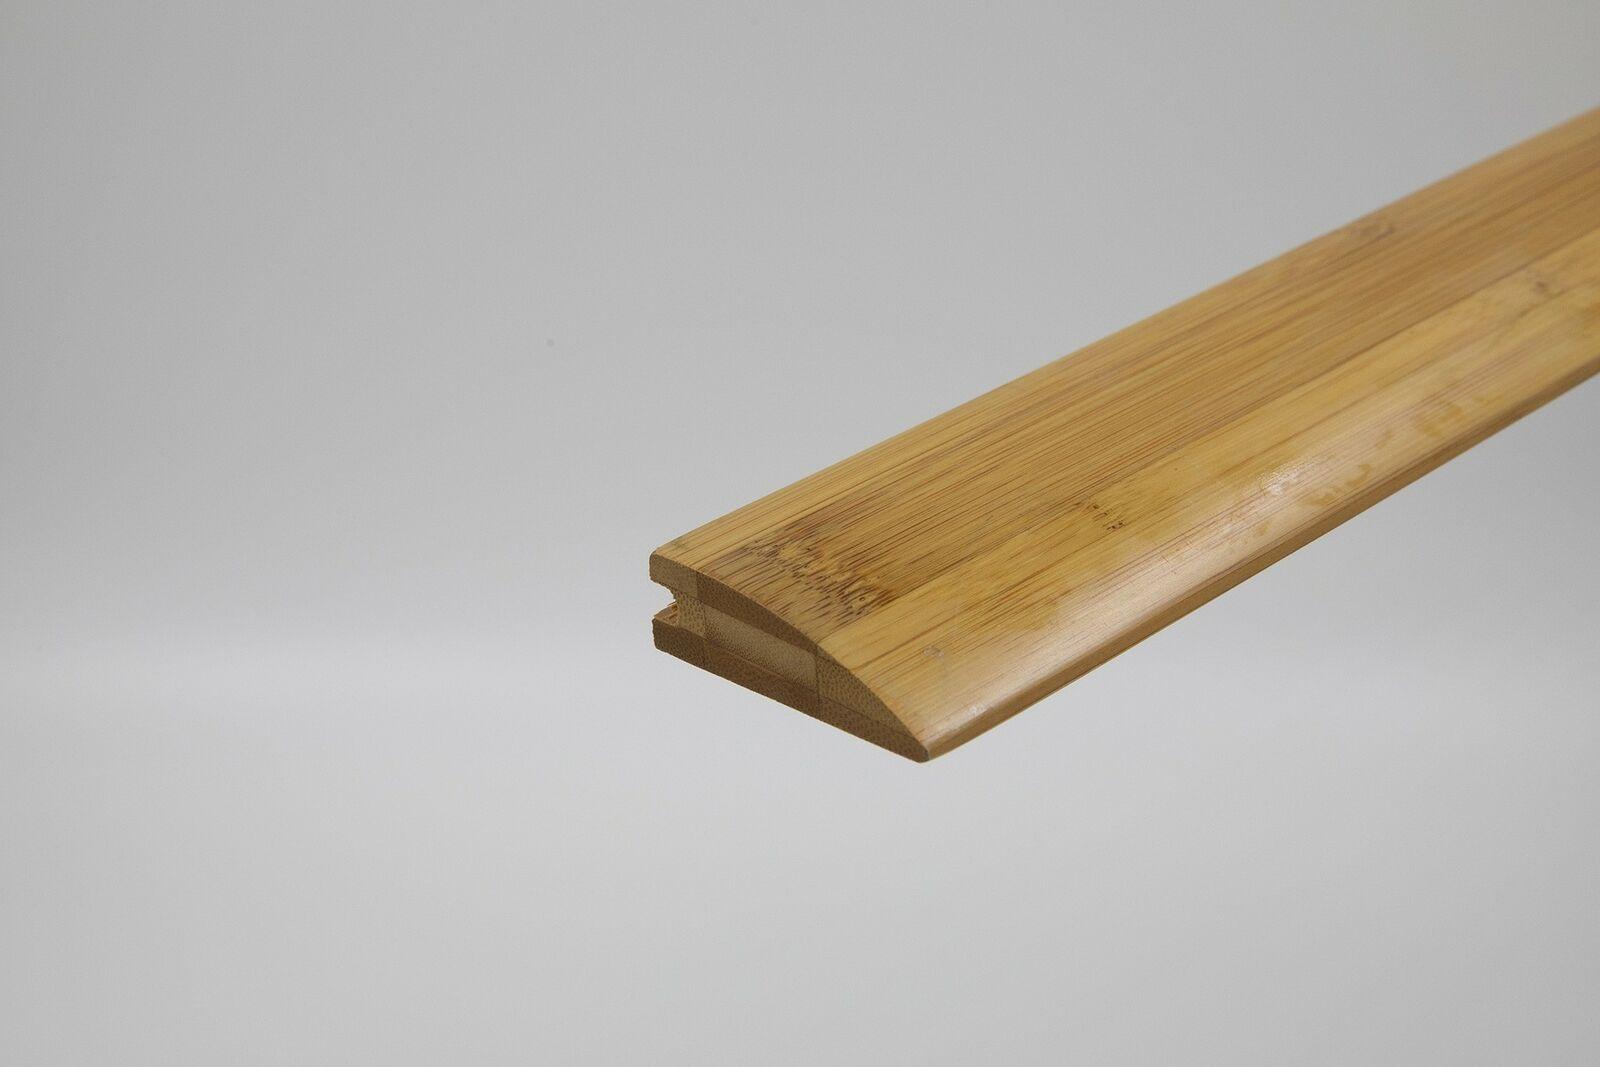 Barre De Seuil Parquet barre de seuil bambou seuil de niveau café 1.90 m   ebay